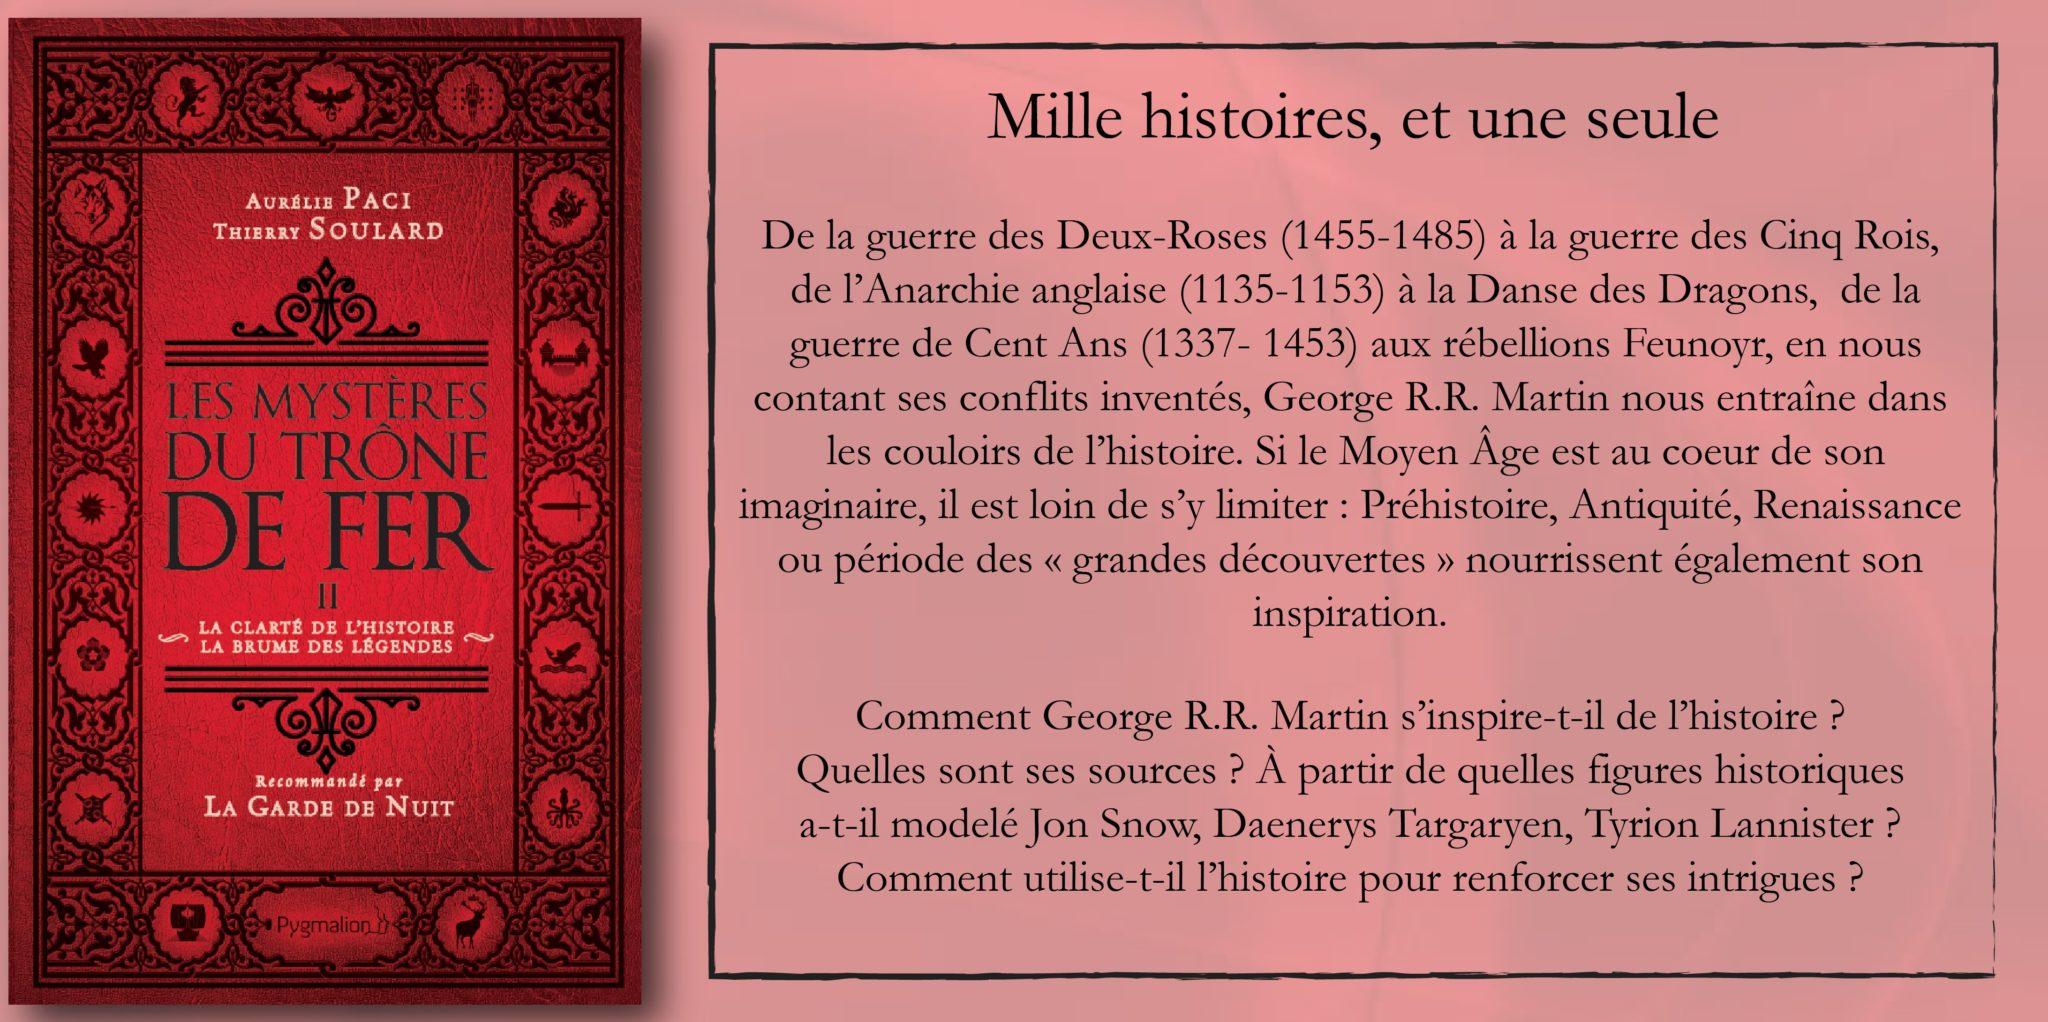 """Série """"Game of Thrones""""  - Page 22 Mysteres_du_trone_de_fer-II-clarte_de_histoire-2048x1022"""